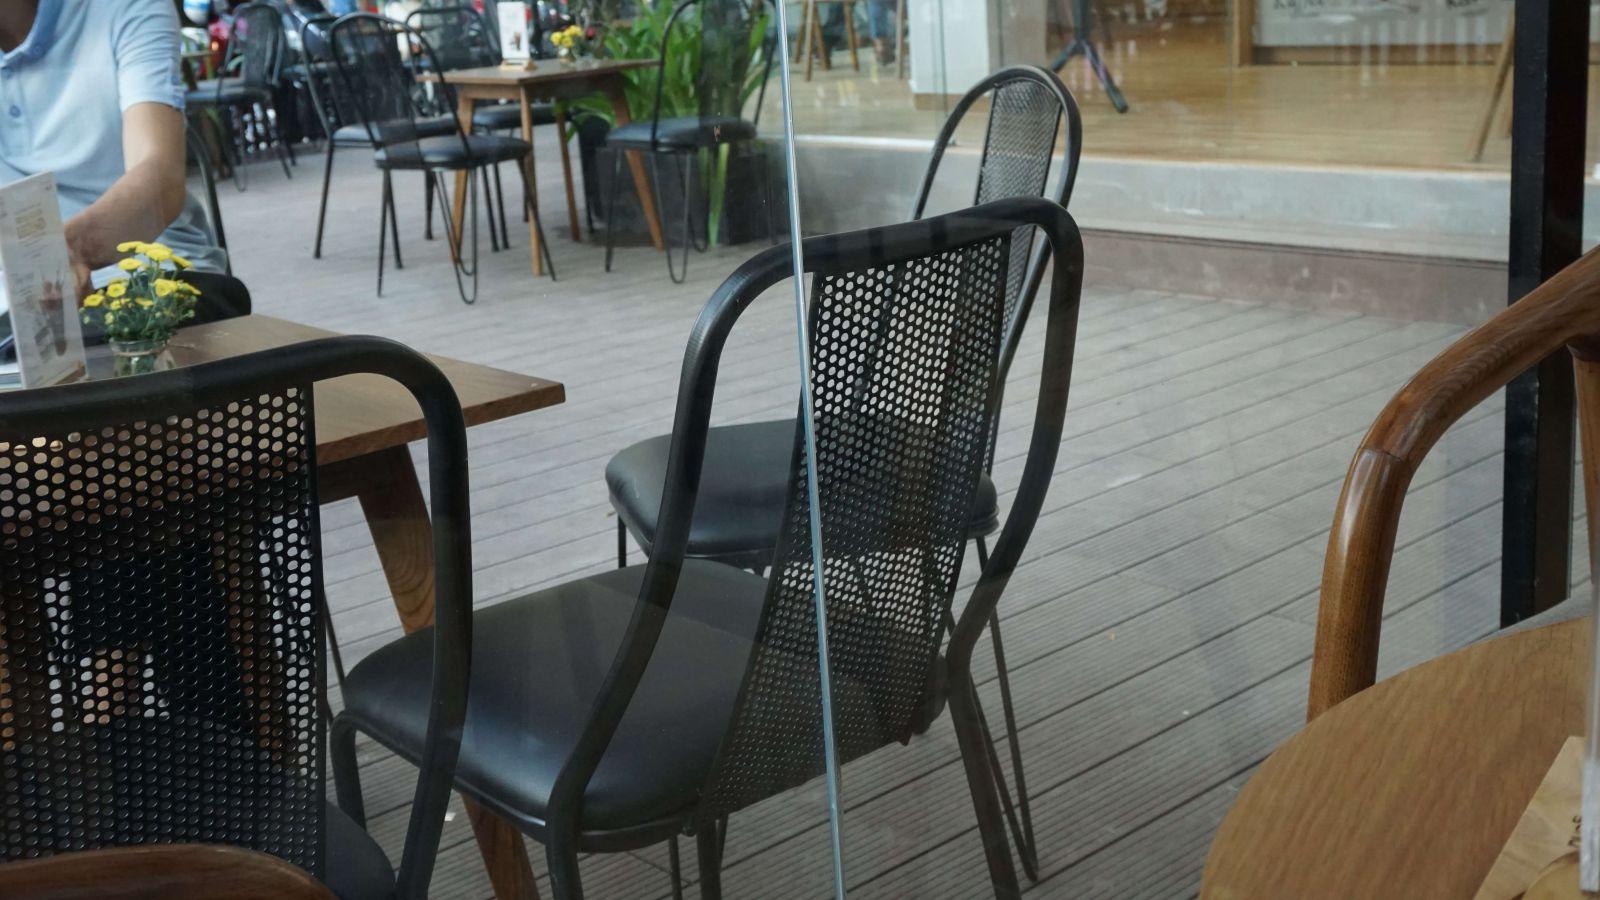 bàn ghế khung sắt bày trí ngoài trời quán cà phê